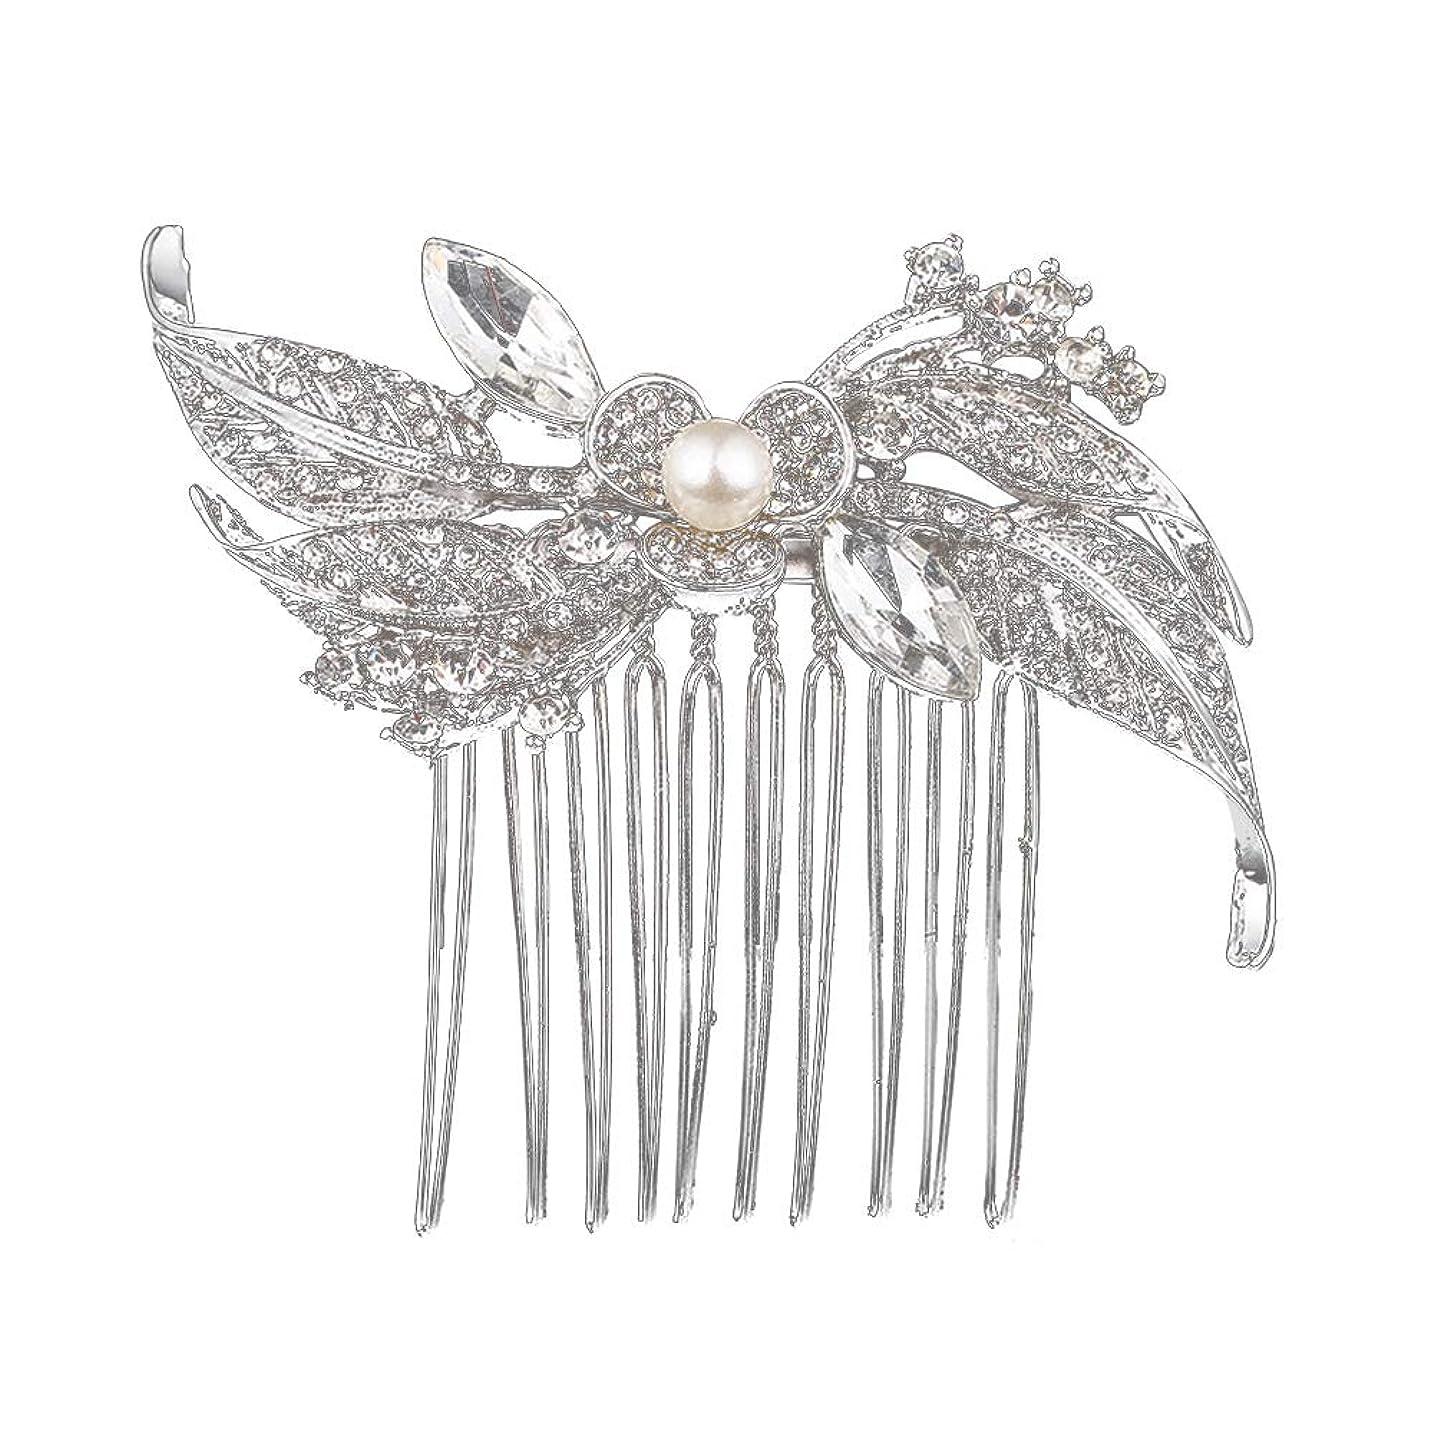 ペネロペ桃土曜日LURROSE 対称的な人工真珠ラインストーンの髪の櫛の結婚式のブライダルヘアクリップヘアアクセサリーウェディングドレス女性のためのアクセサリー(シルバー)